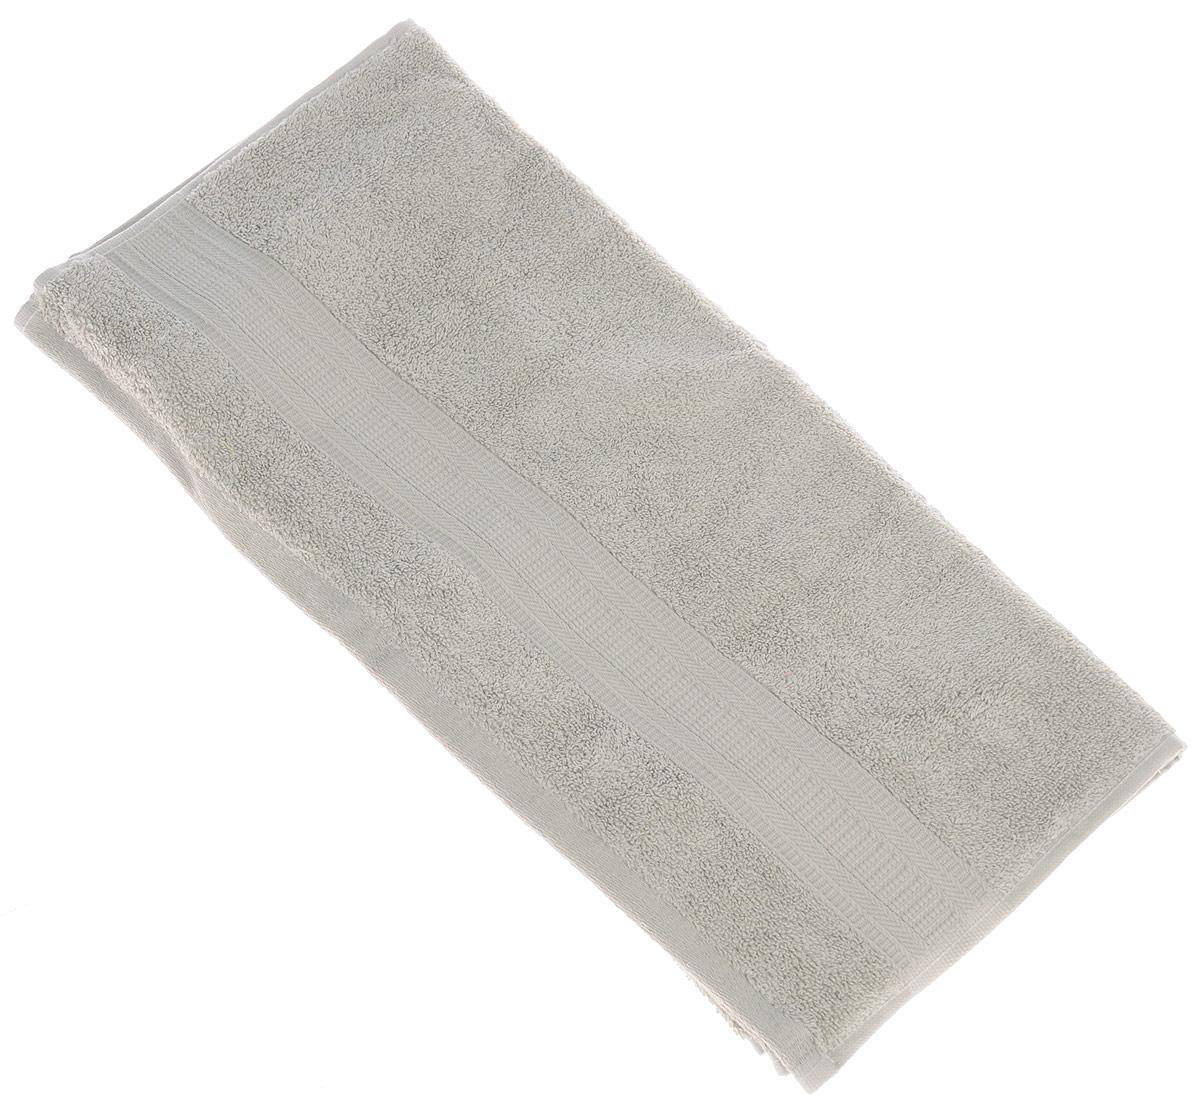 Полотенце TAC Mixandsleep, цвет: серый, 50 х 90 см1201Махровое полотенце TAC Mixandsleep выполнено из приятного на ощупь натурального хлопка и декорировано изящным орнаментом. Полотенце прекрасно впитывает влагу и легко стирается.Полотенце TAC Mixandsleep создаст атмосферу уюта и комфорта в вашем доме.Хлопок - это волшебный цветок, хранящий в своем сердце тепло и нежность. Человек начал использовать волокна этих растений еще в глубокой древности. Этот натуральный материал обладает такими свойствами как гигроскопичность и гипоаллергенность.